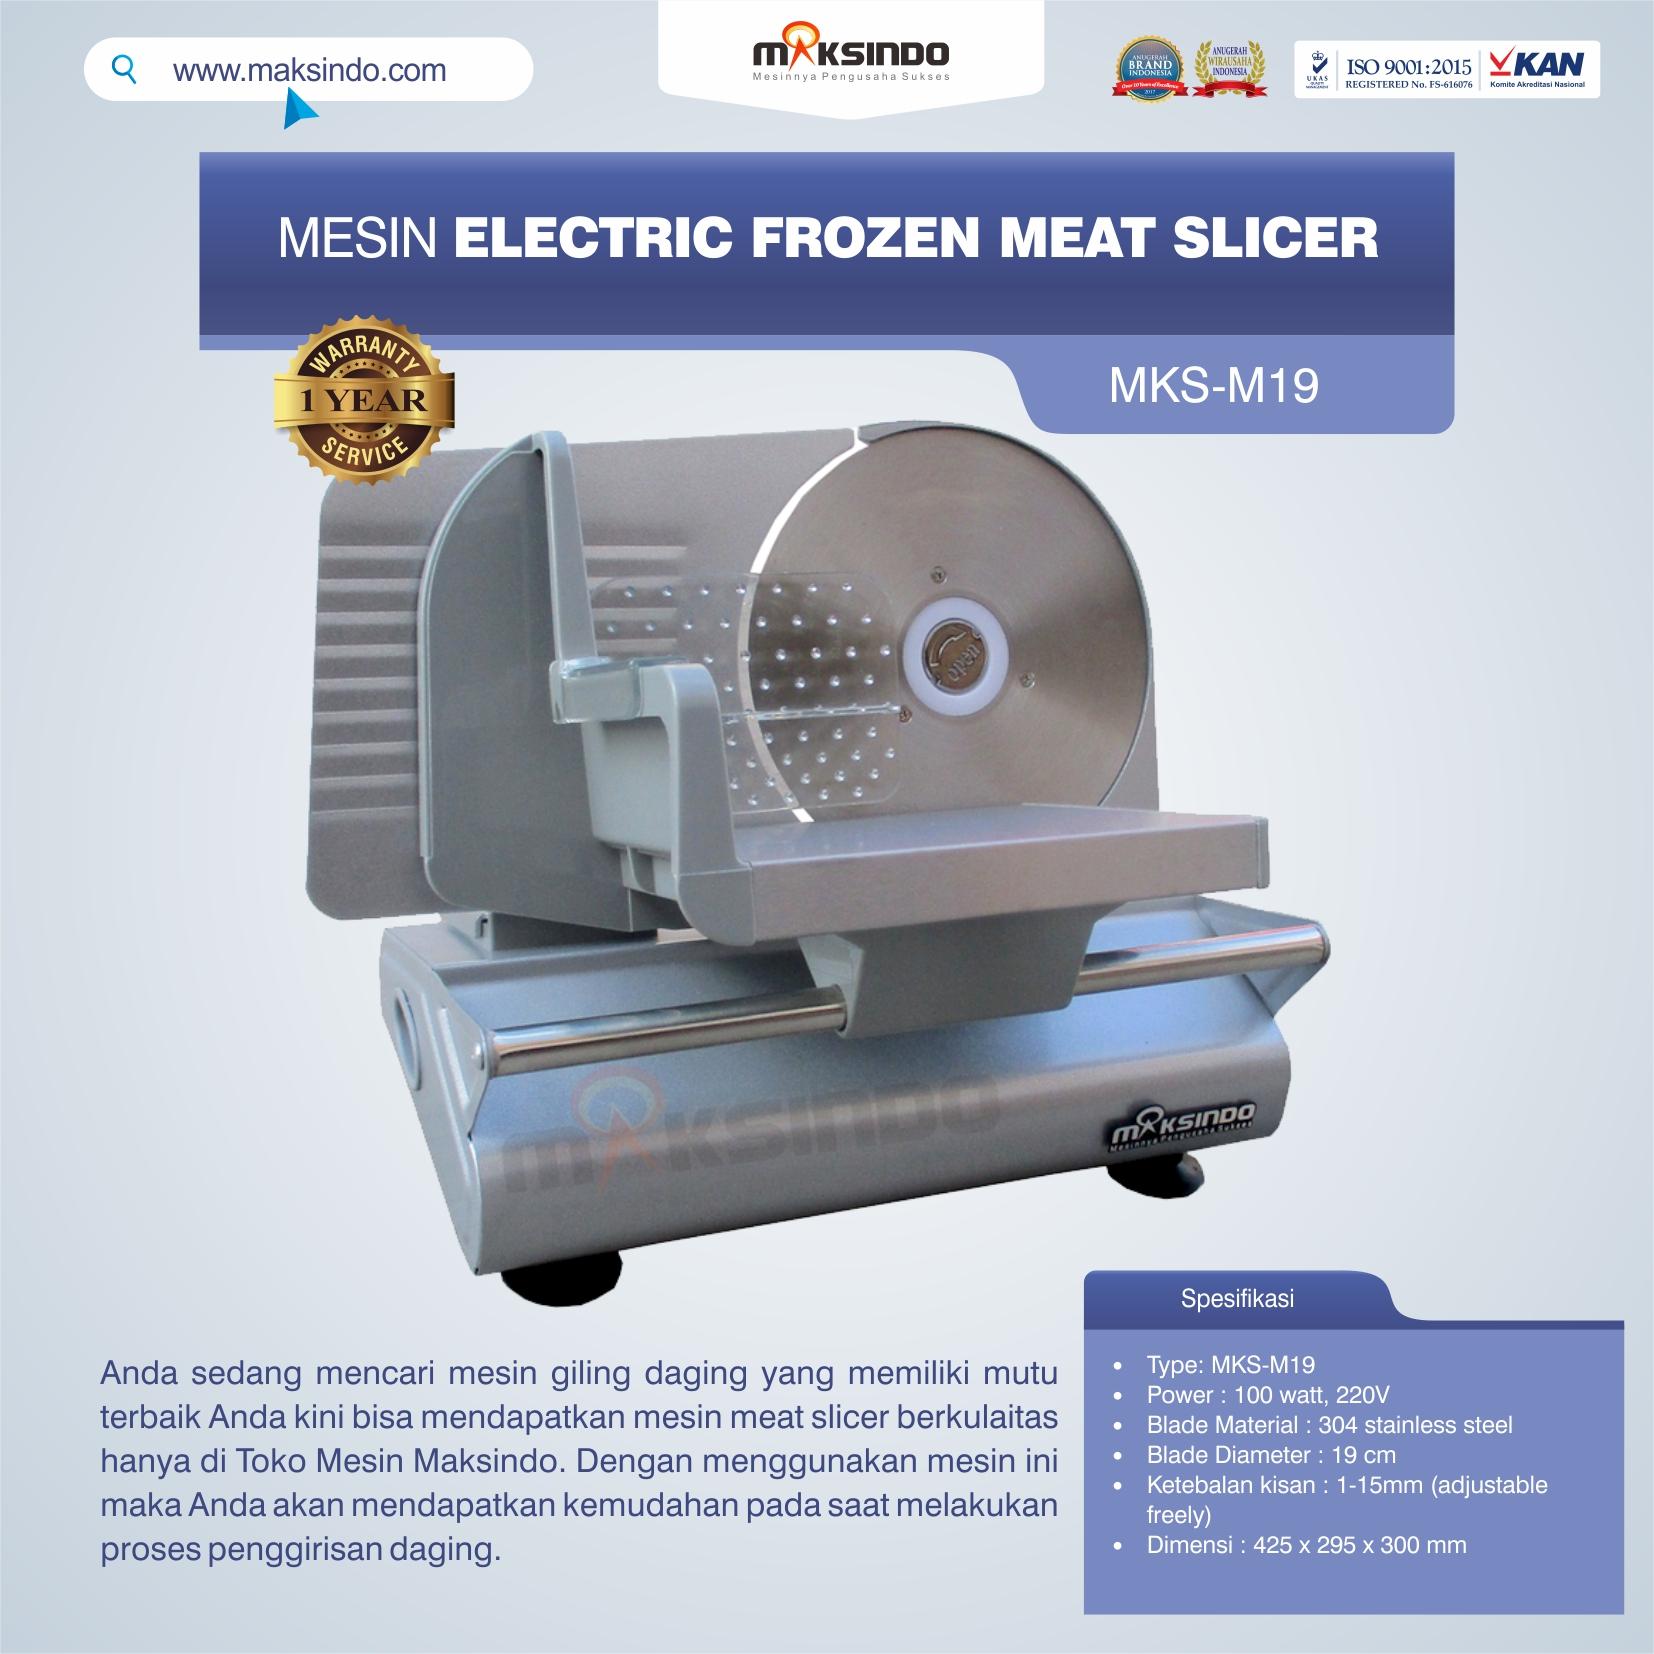 Jual MesinElectric Frozen Meat SlicerMKS-M19 di Pekanbaru